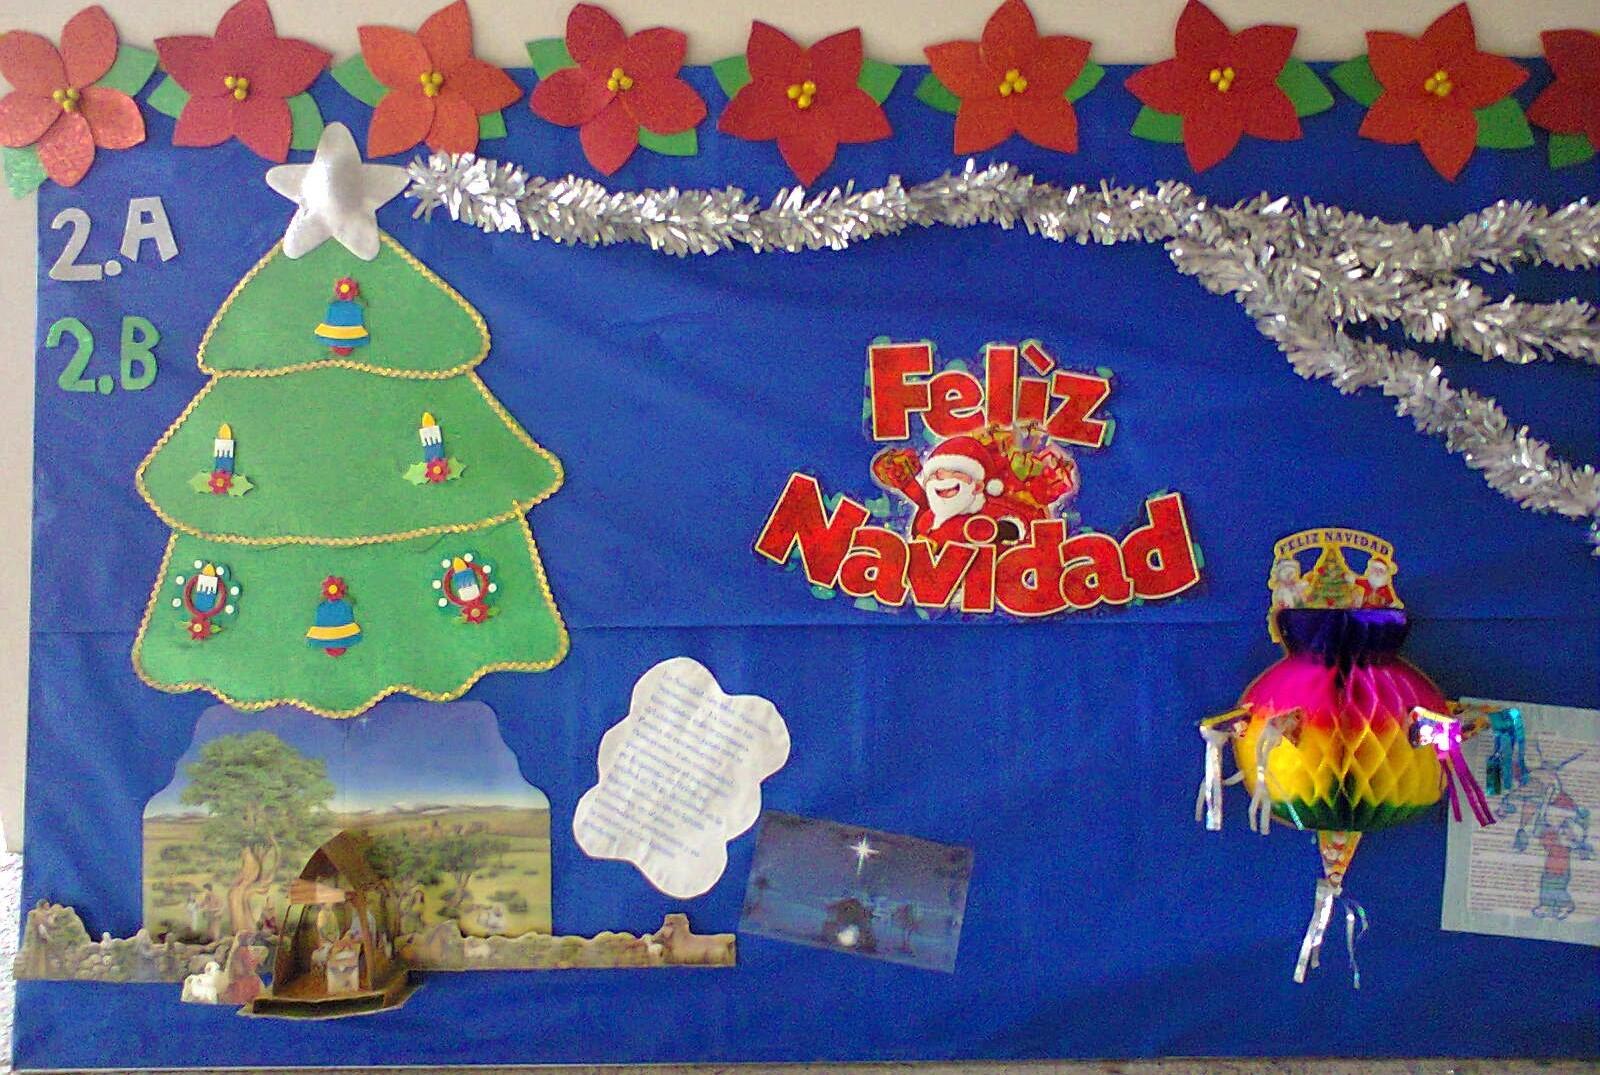 Periodico mural diciembre 7 imagenes educativas - Mural navidad infantil ...